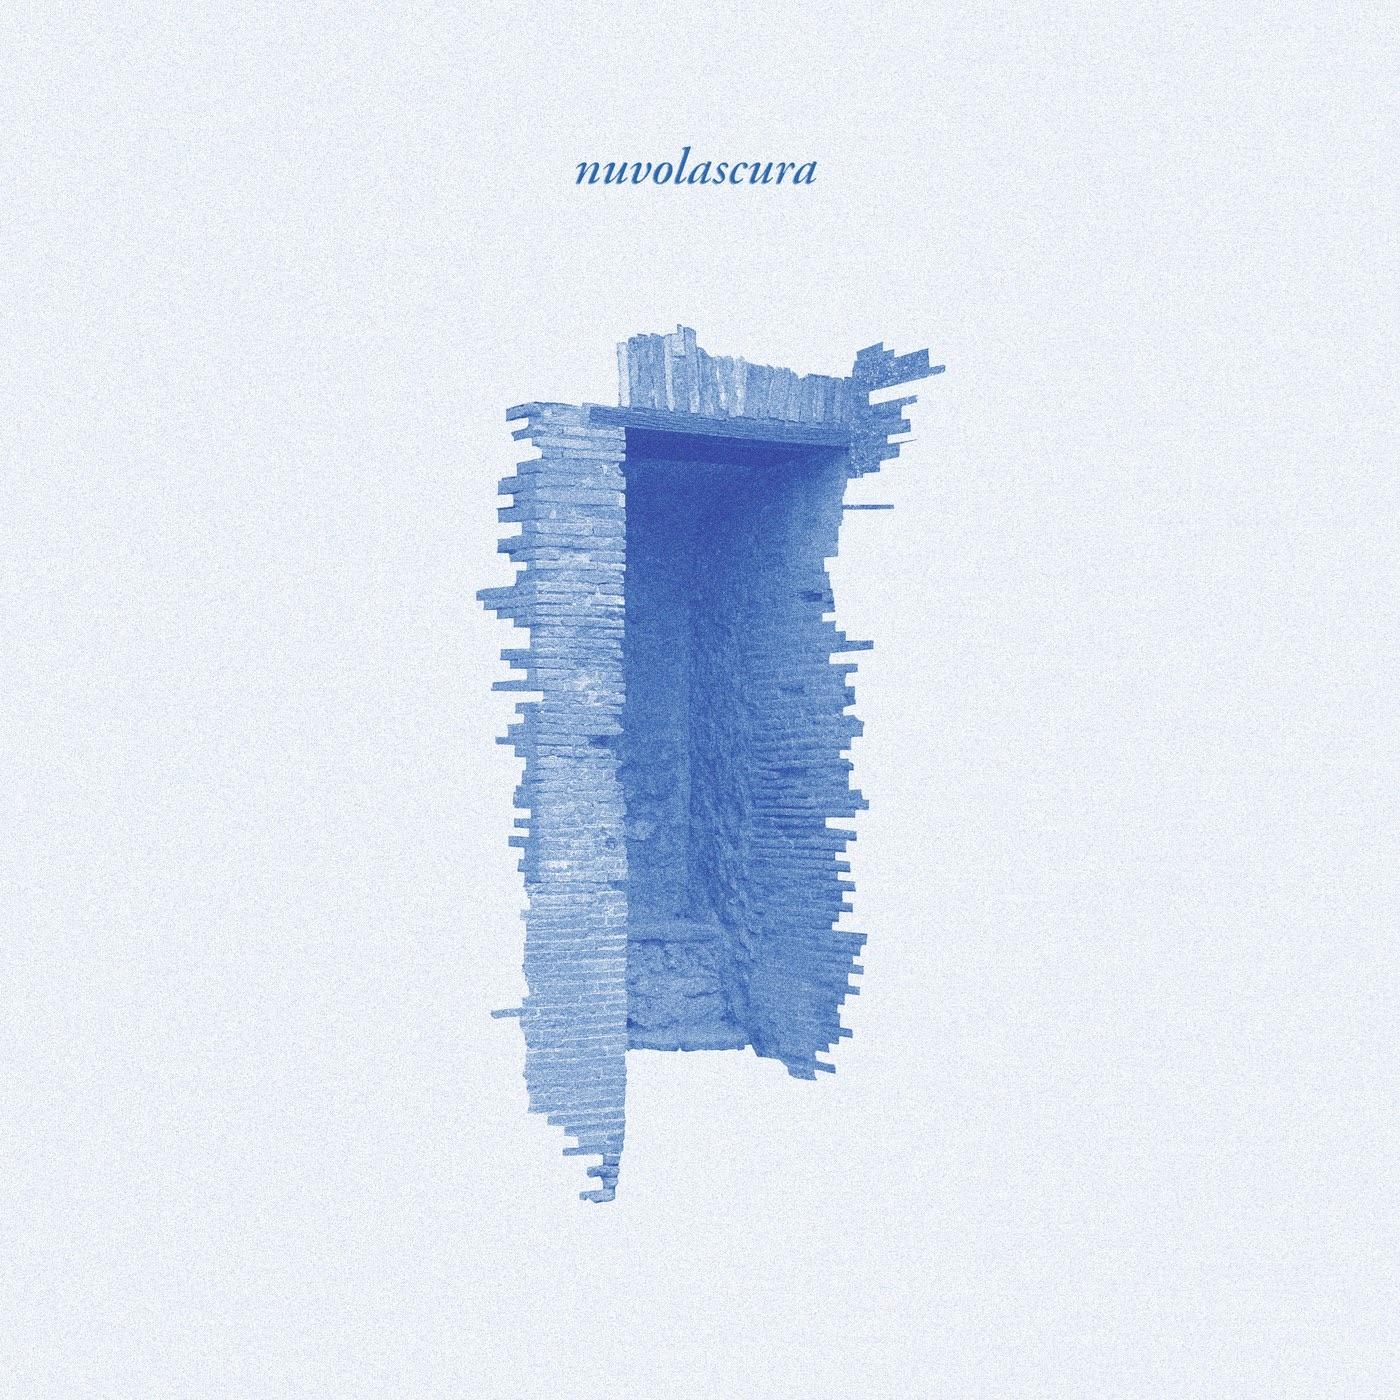 Nuvolascura - Nuvolascura (2019)